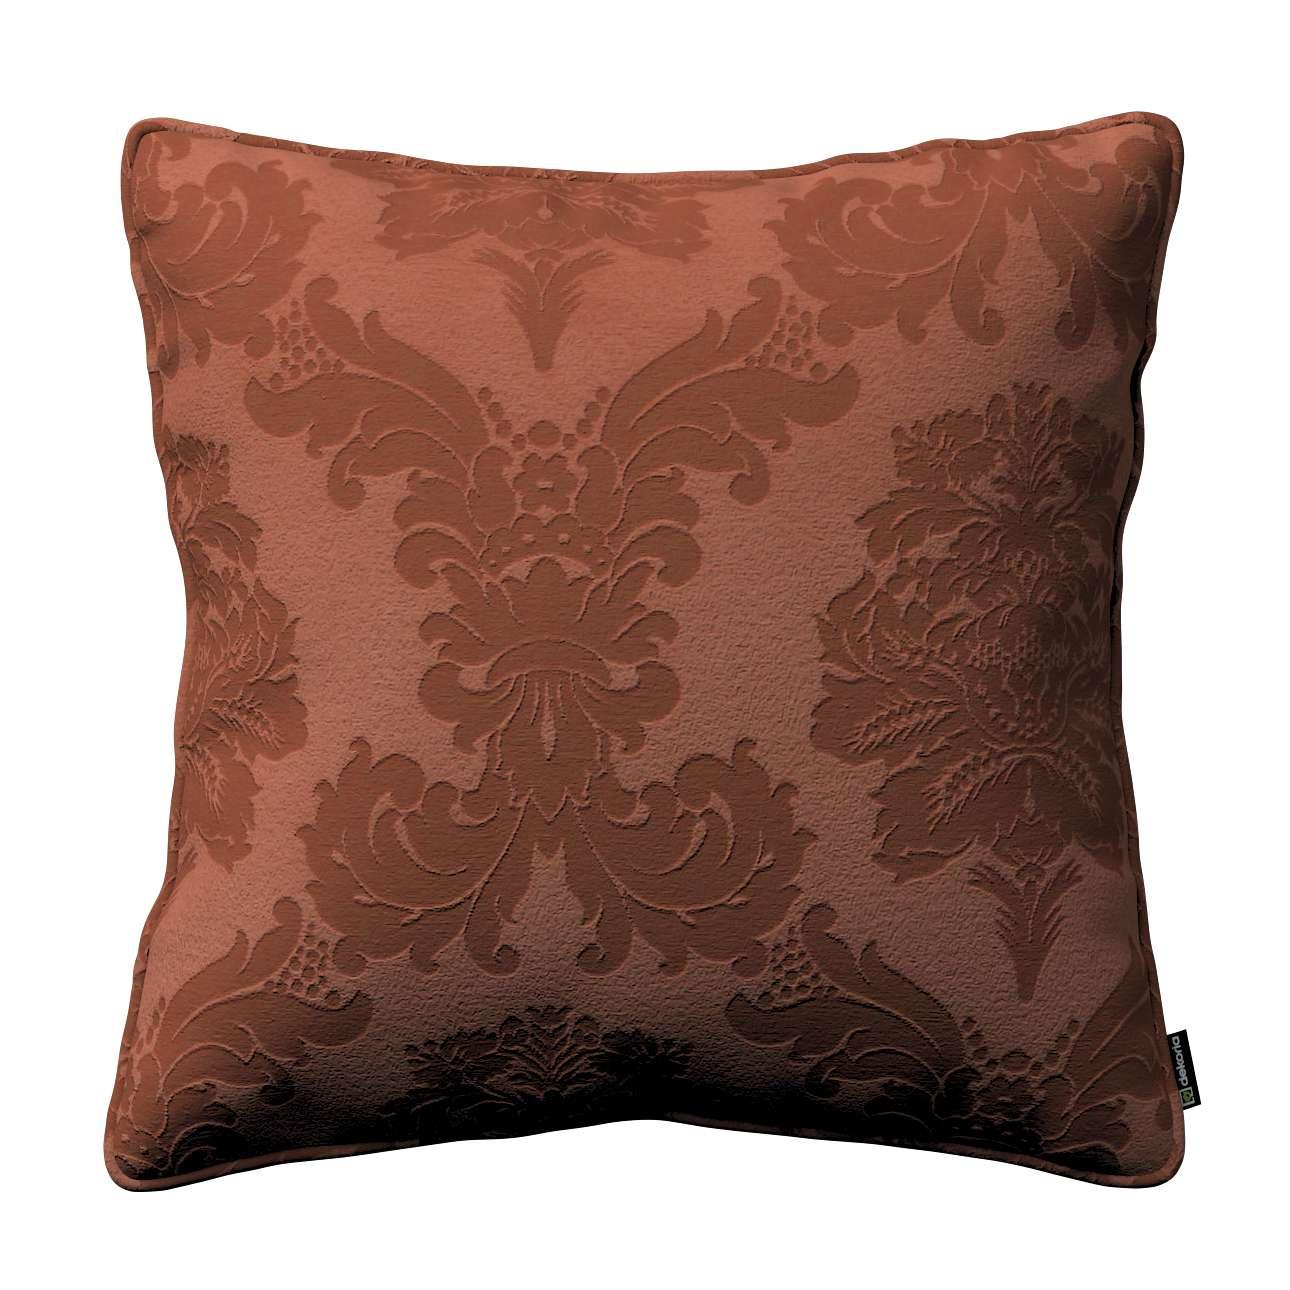 Poszewka Gabi na poduszkę 45 x 45 cm w kolekcji Damasco, tkanina: 613-88